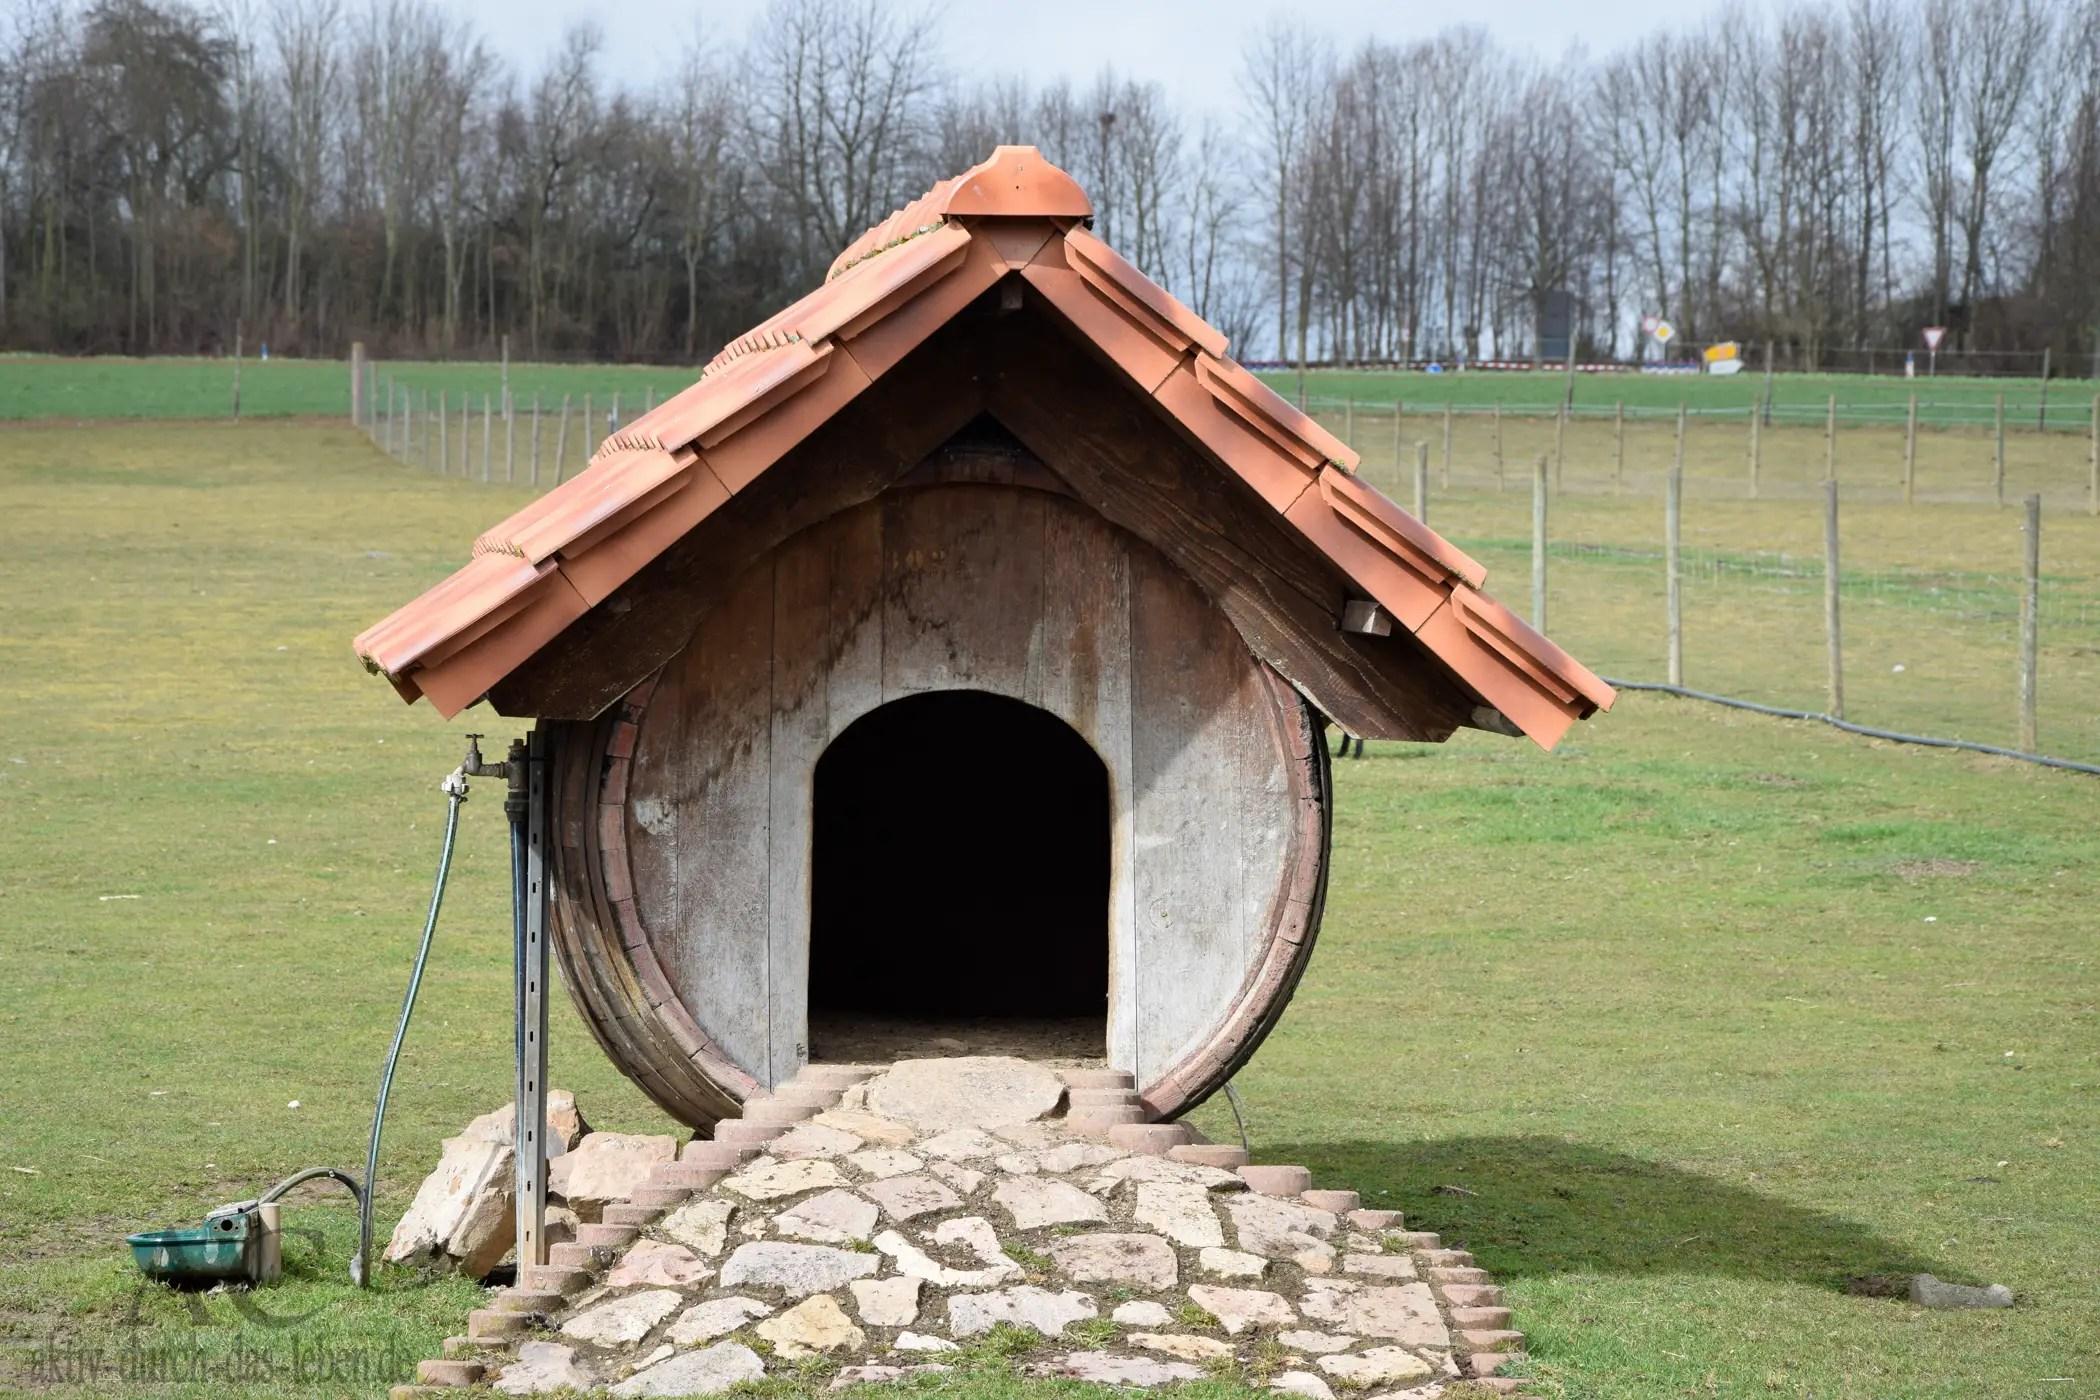 Ein Weinfass als Ziegenhaus :-D